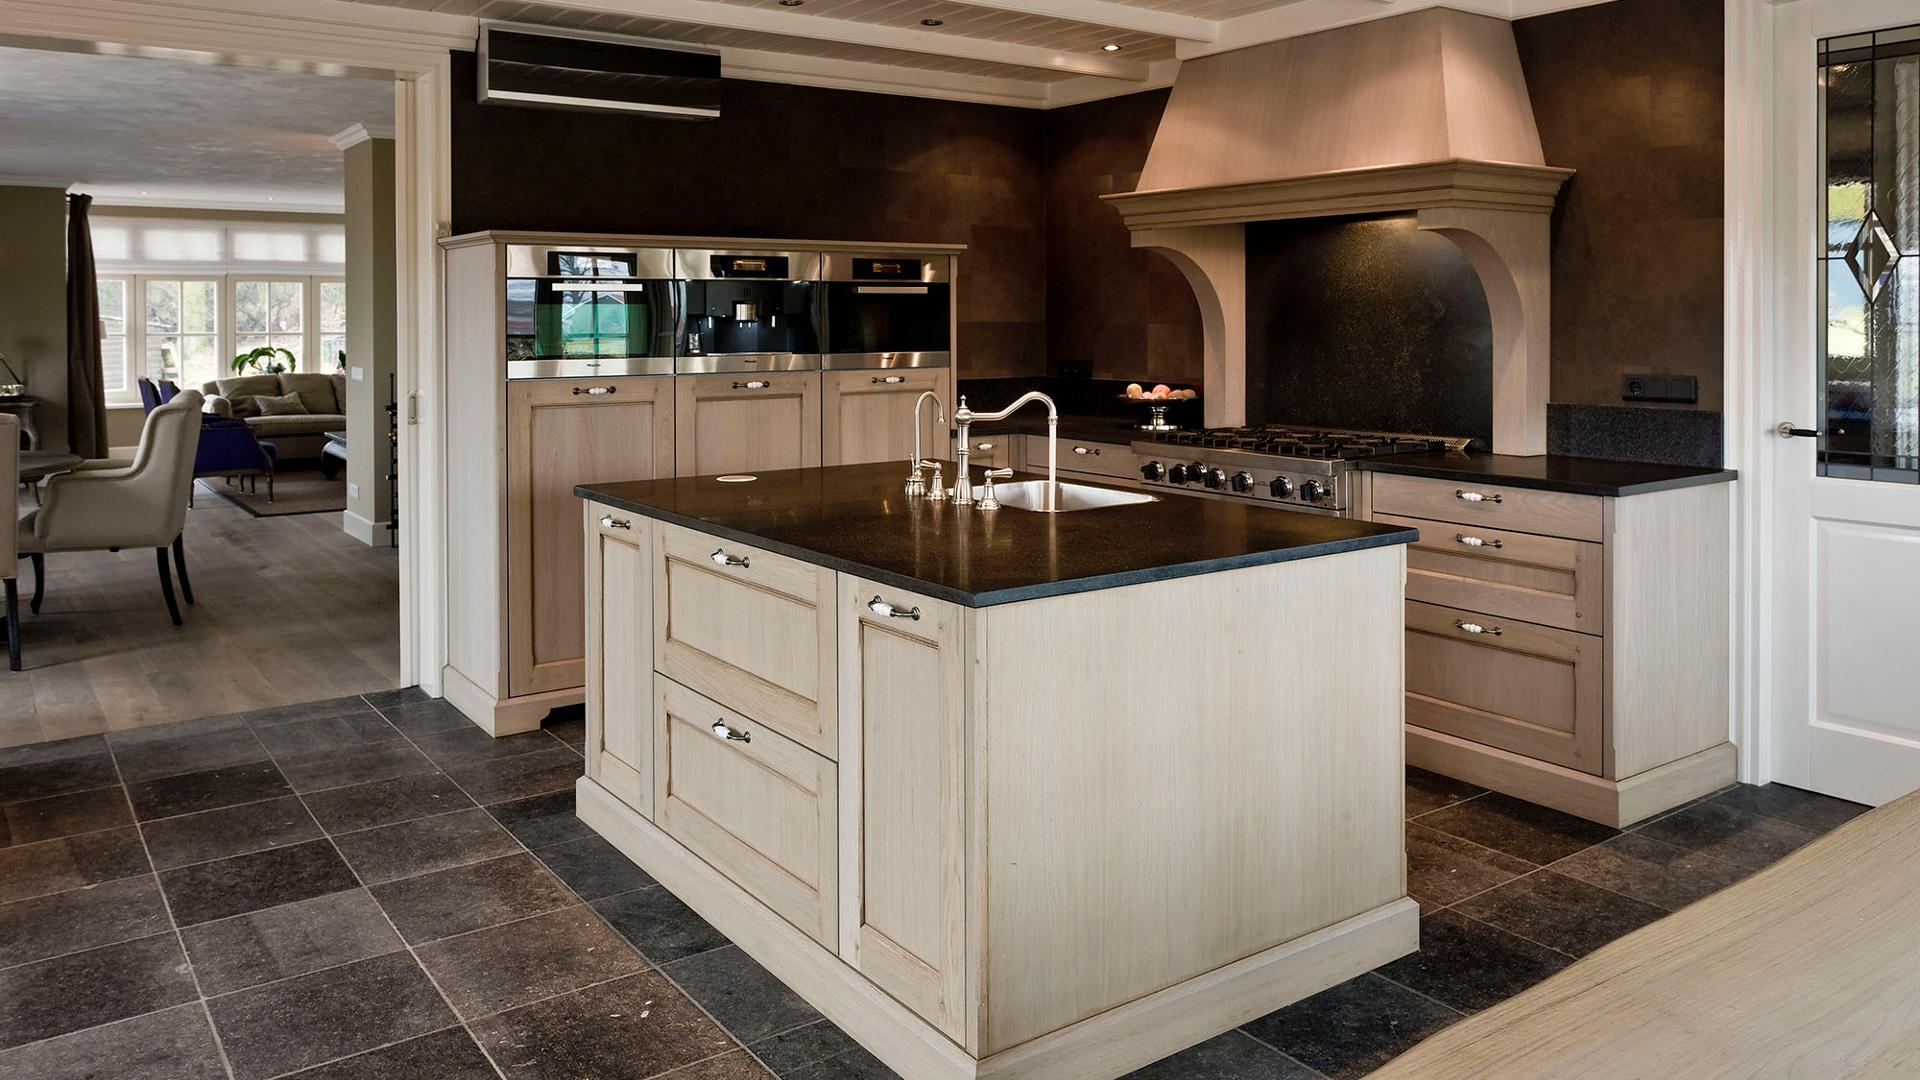 Keukens op maat borne of maatwerk keuken in twente - Centrale design keuken ...